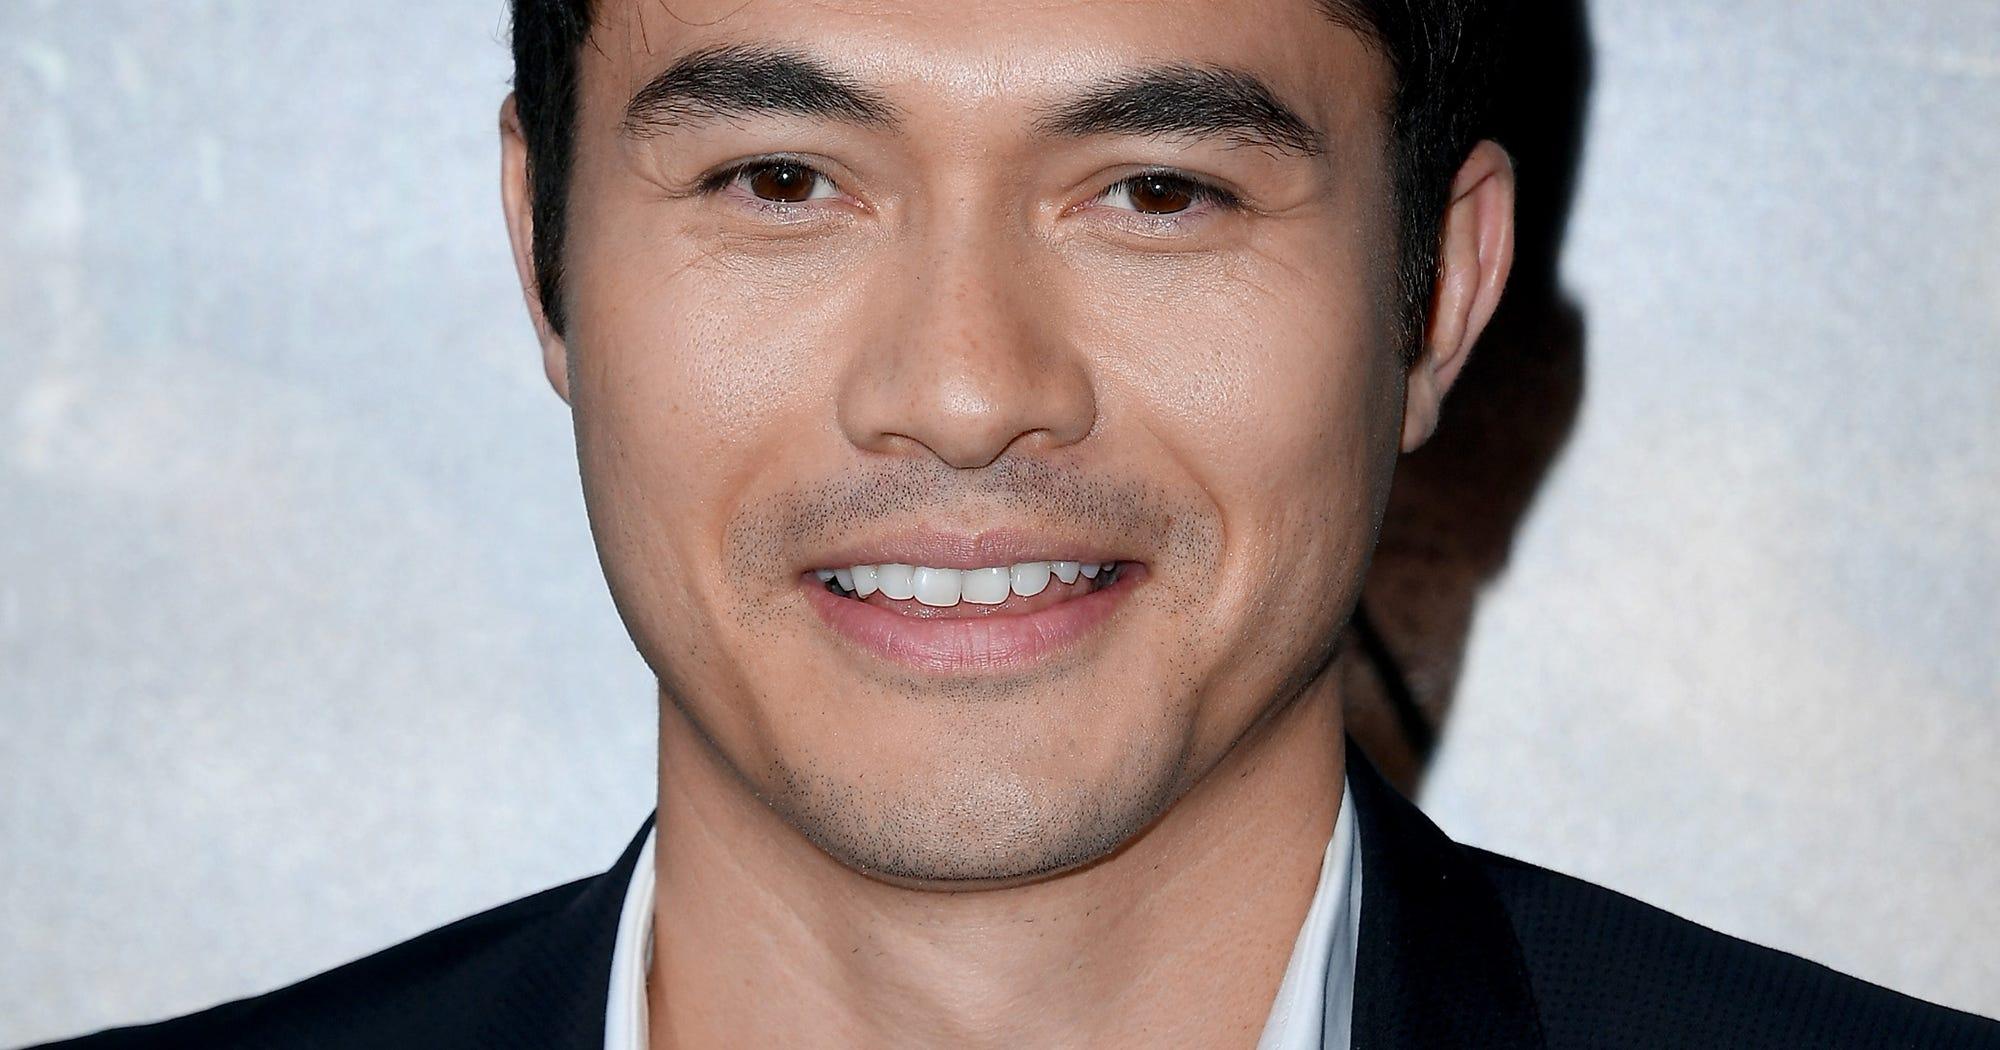 Crazy Rich Asians Cast - Famous Faces You May Recognize